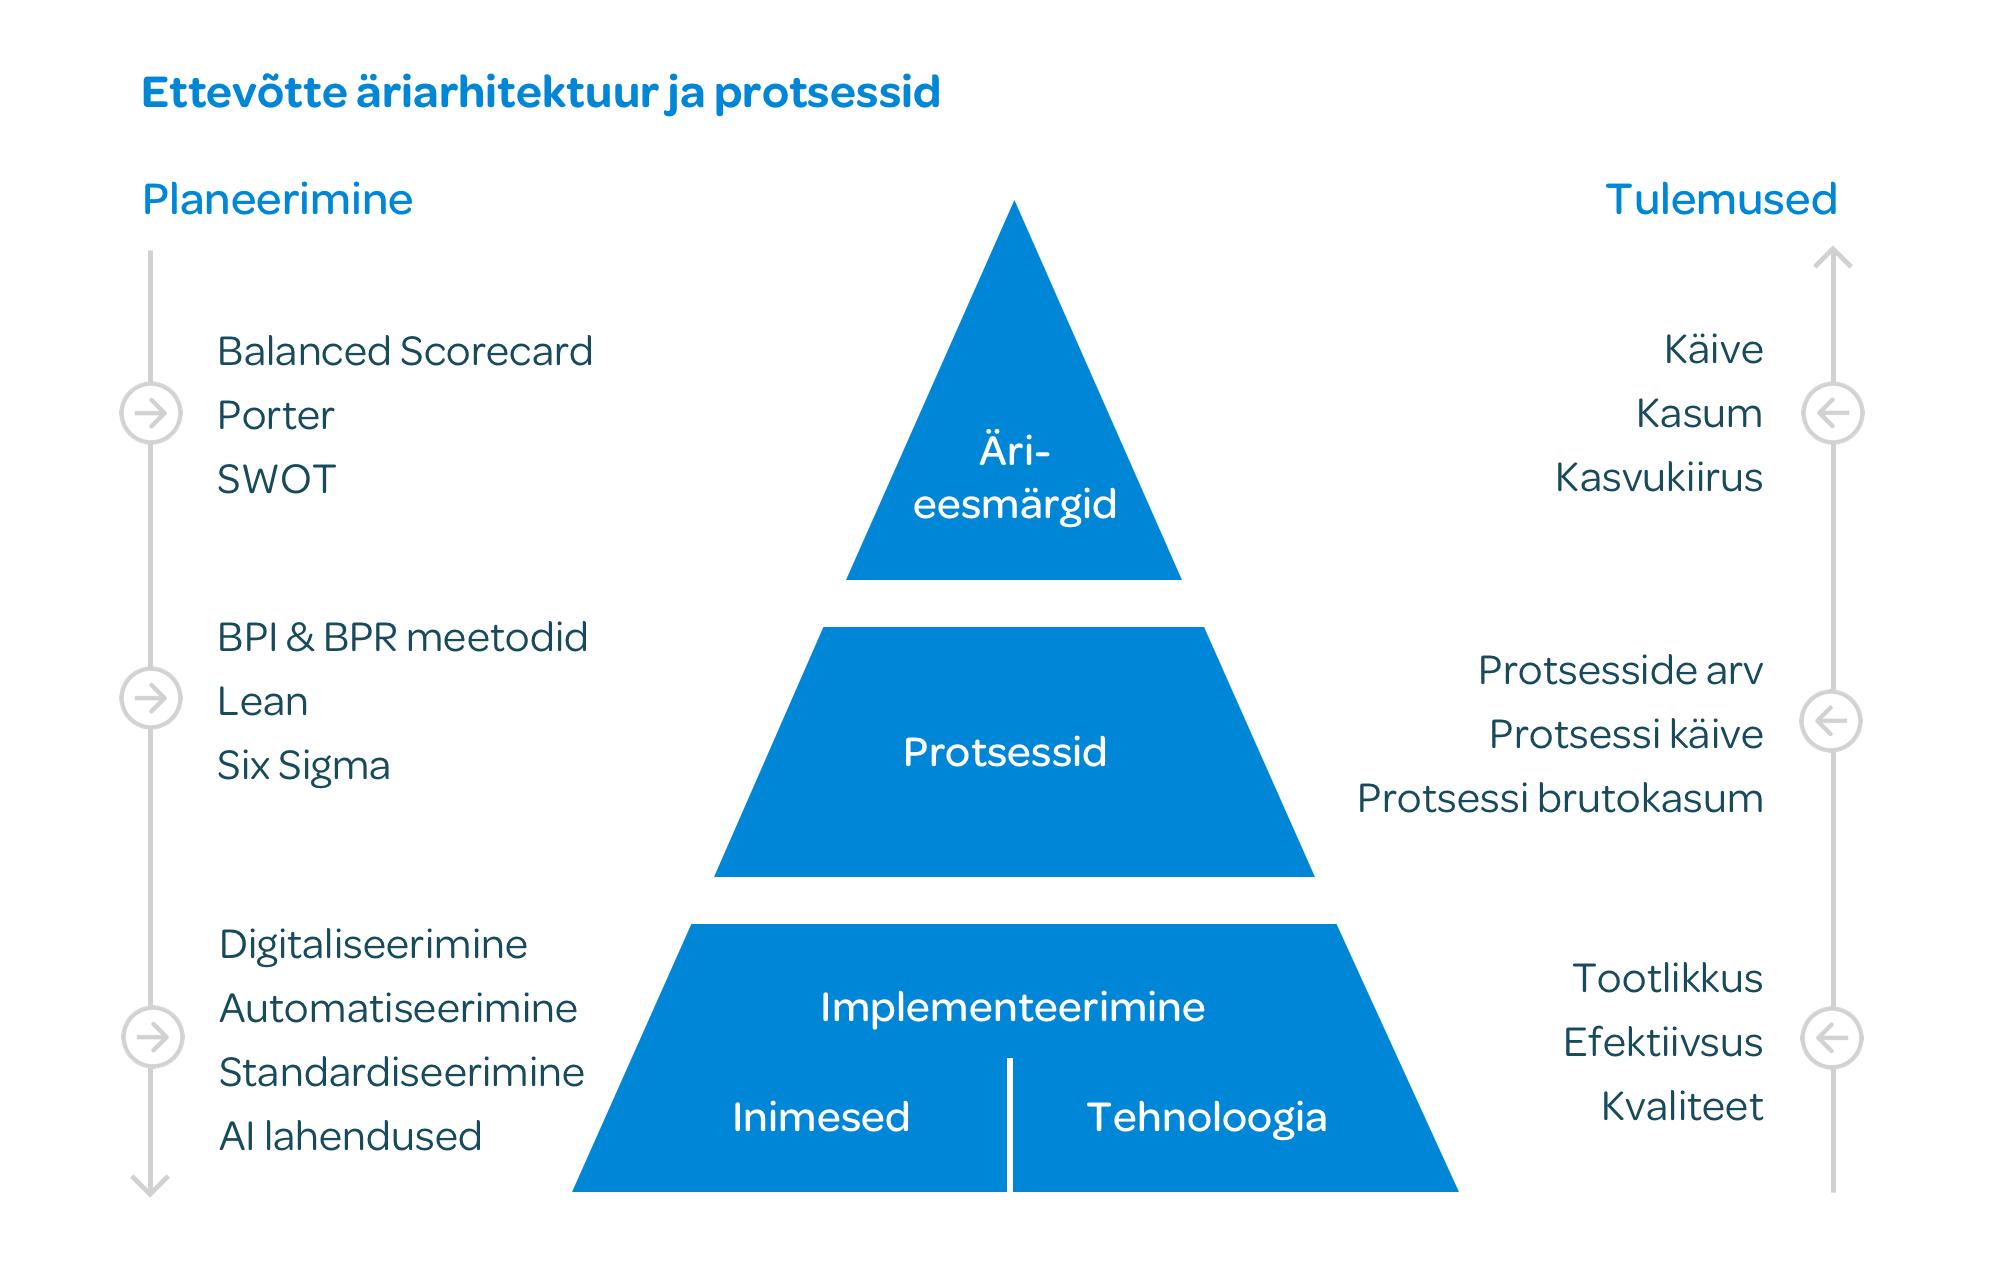 Ettevõtte äriprotsessid ja -planeerimine